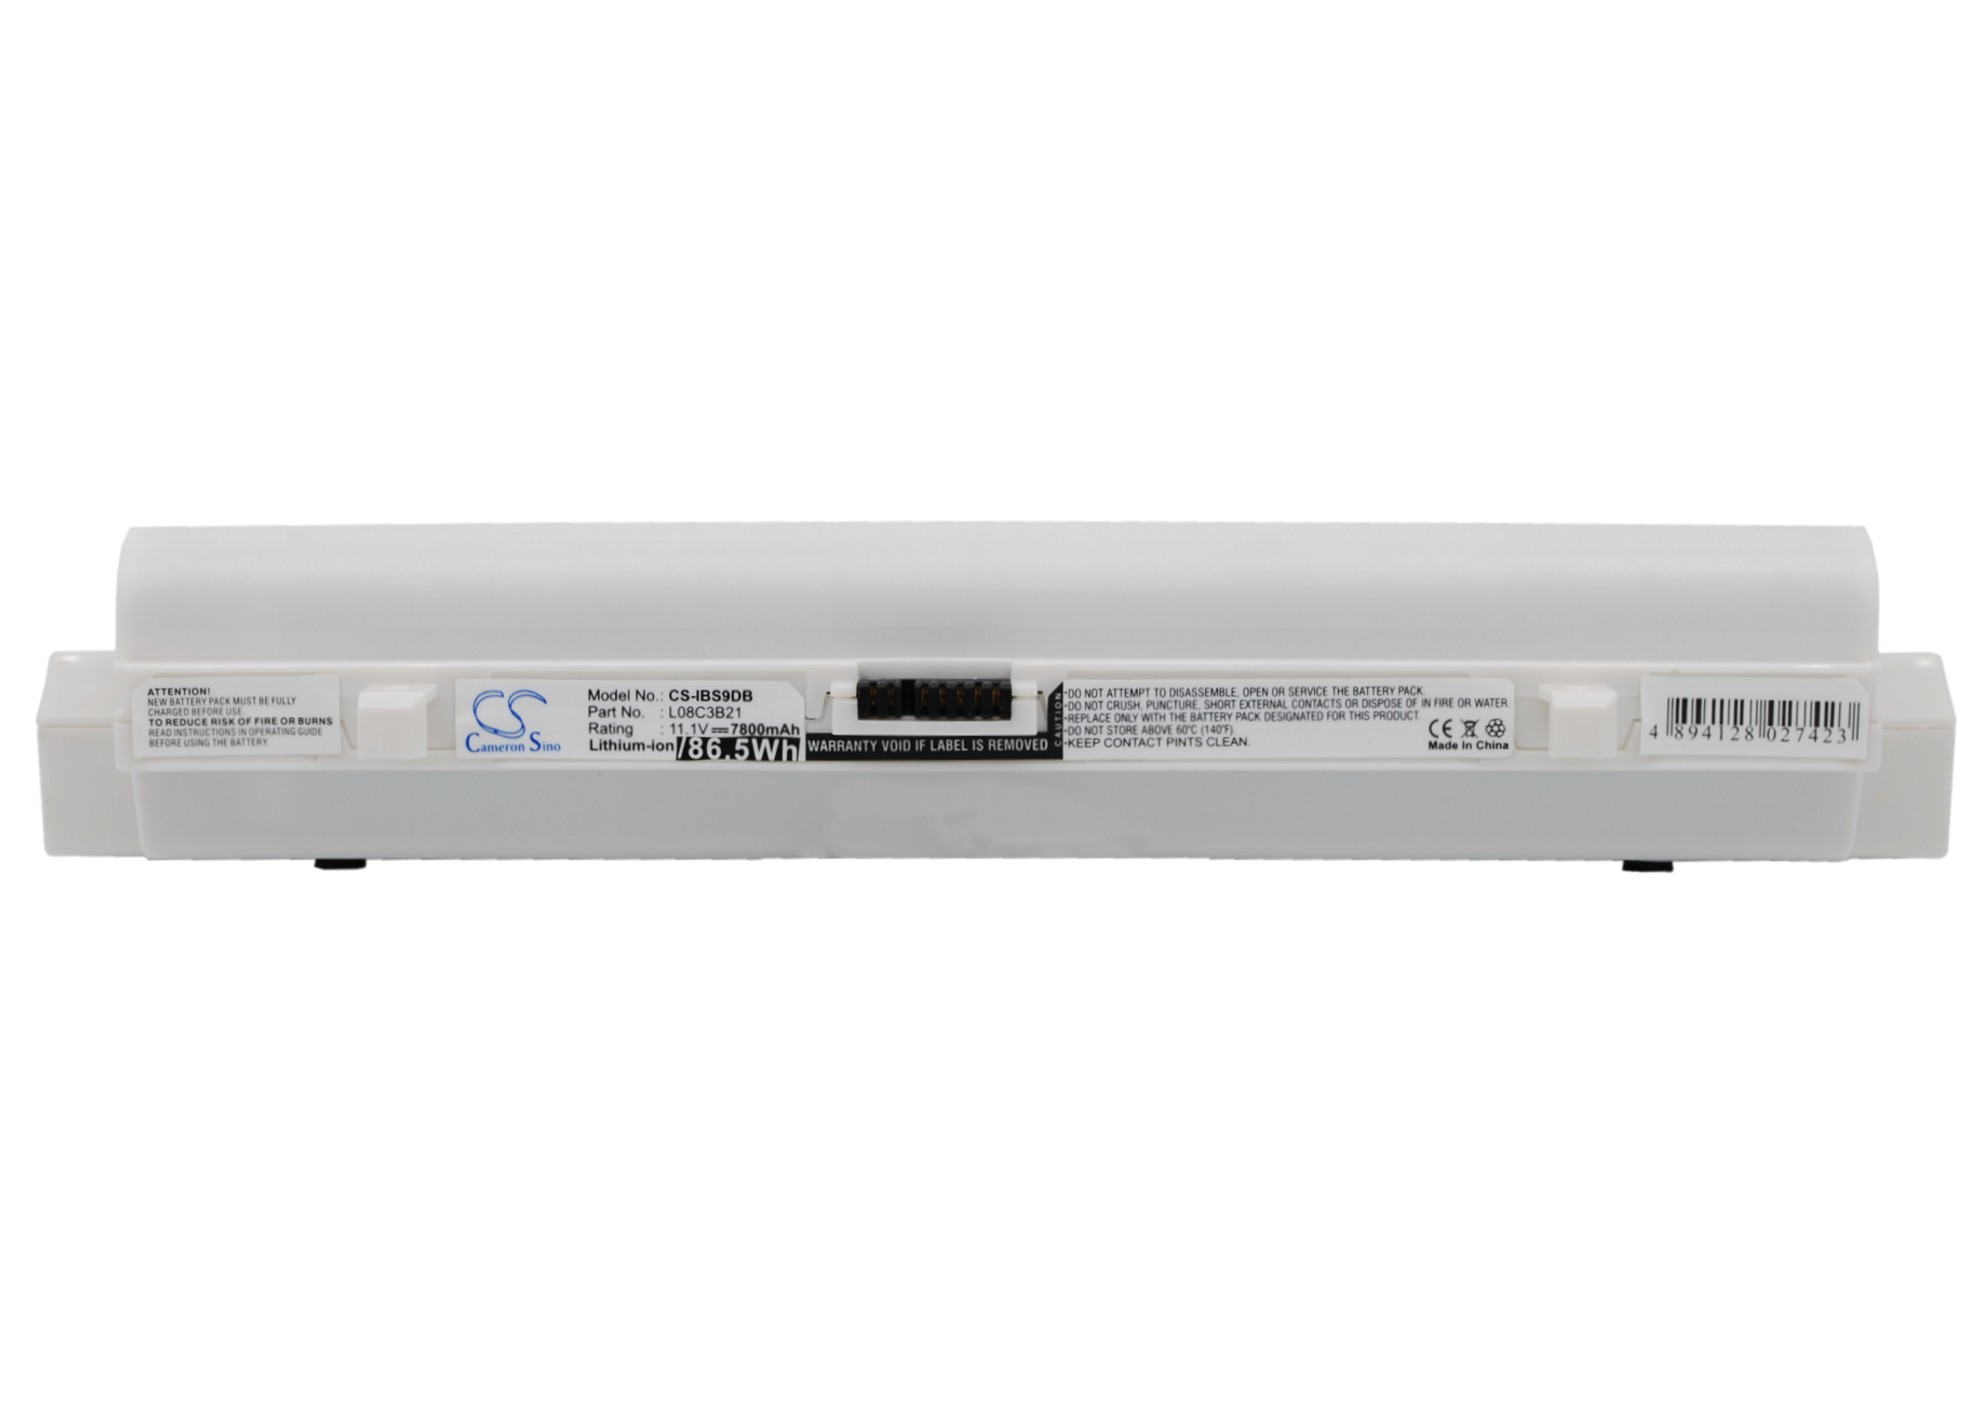 Cameron Sino baterie do notebooků pro LENOVO ideaPad S12 11.1V Li-ion 7800mAh bílá - neoriginální